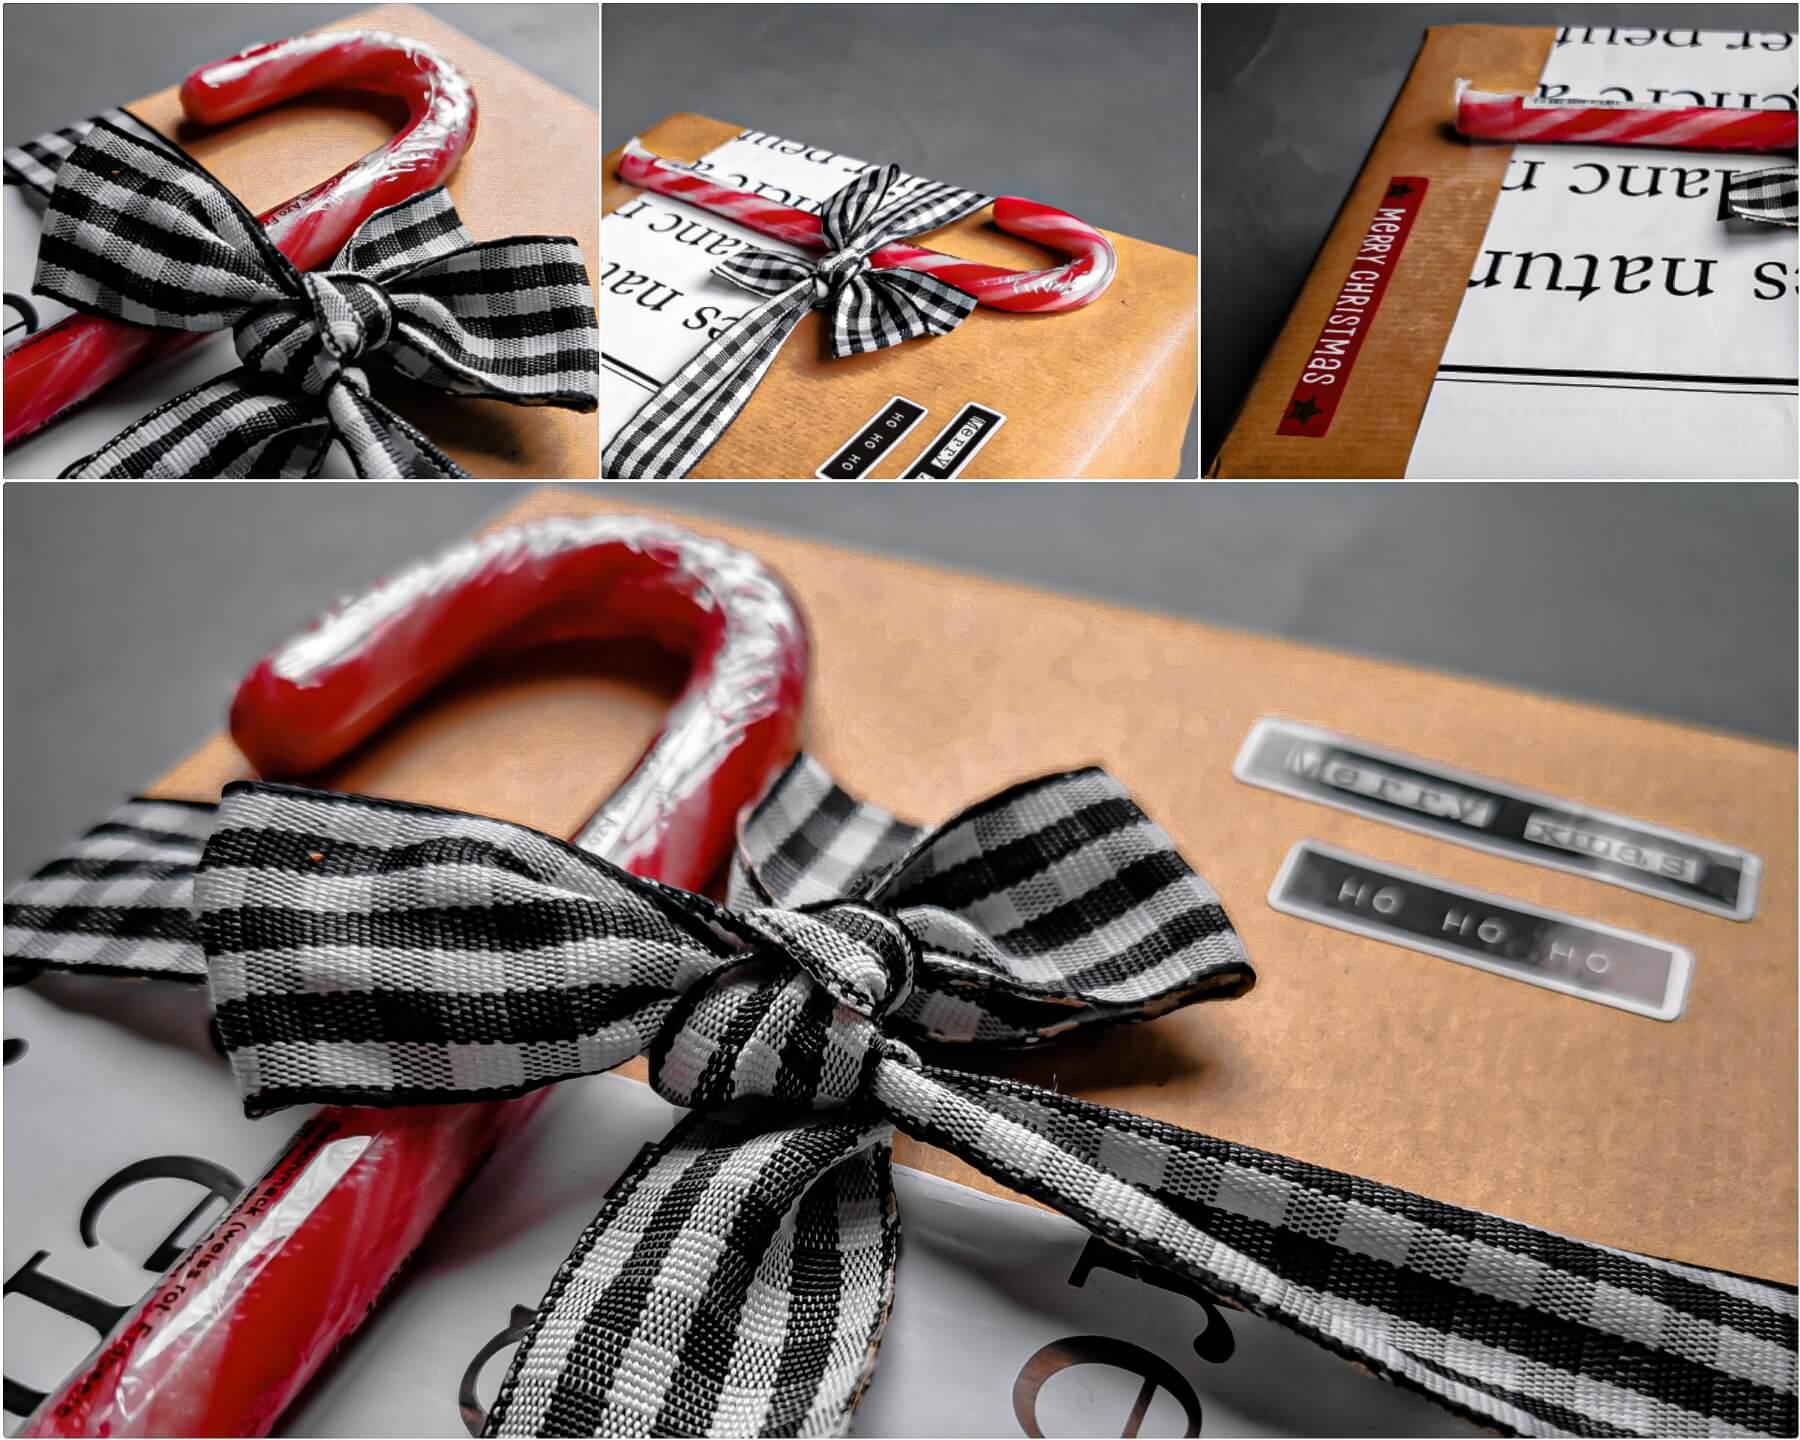 inCollage 20191215 035324668 resized 20191215 054324212 1 - Geschenke verpacken: 11 kreative Tipps zum Selbermachen